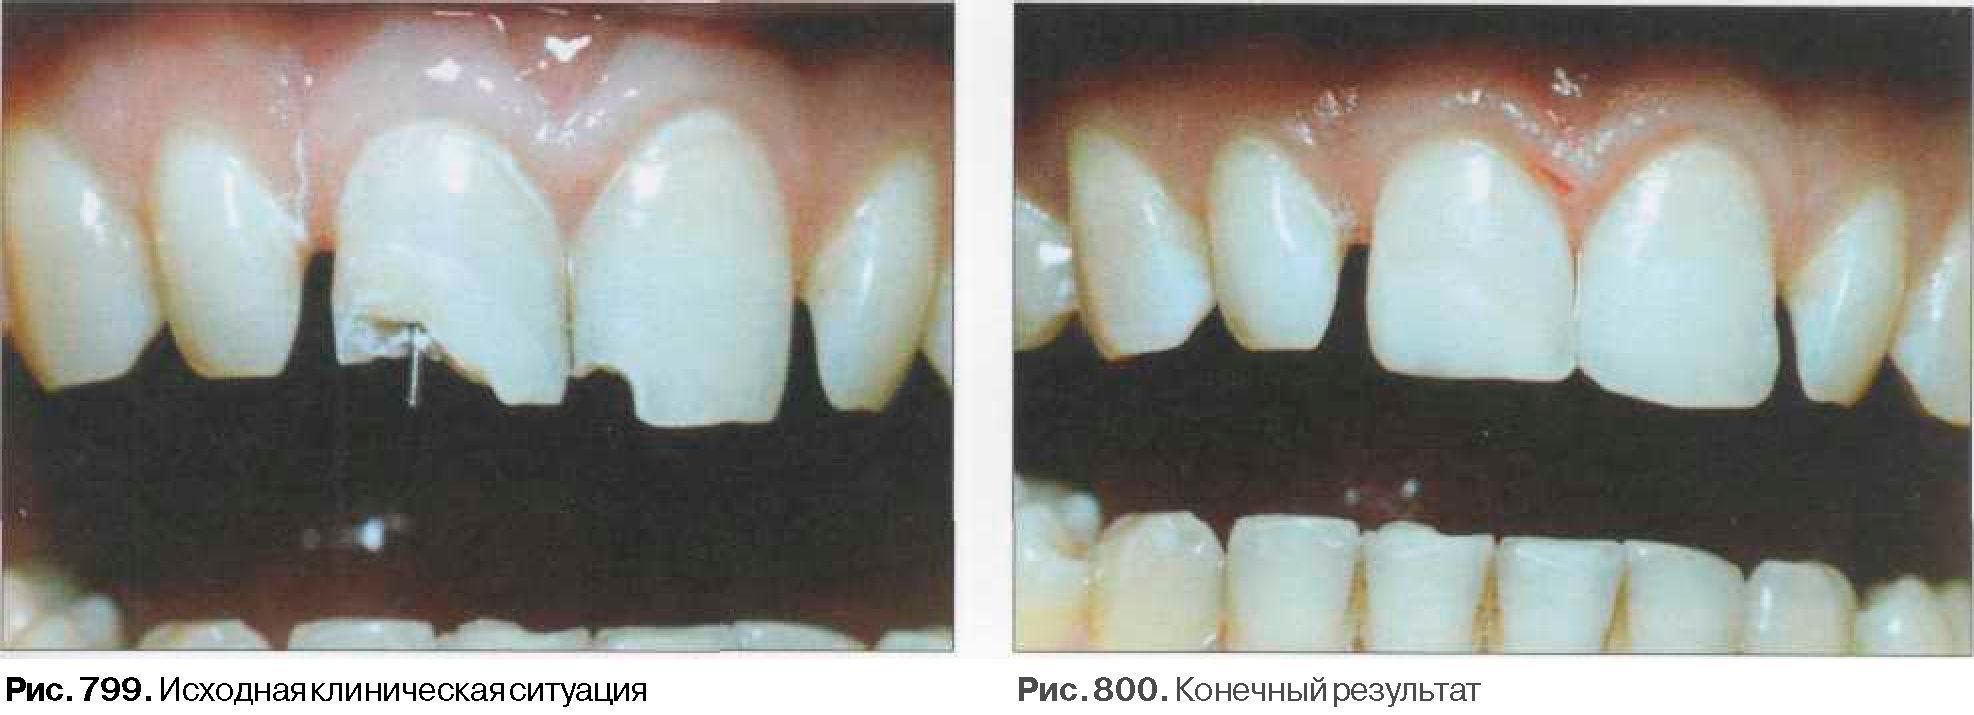 Восстановление коронки штифтовым зубом